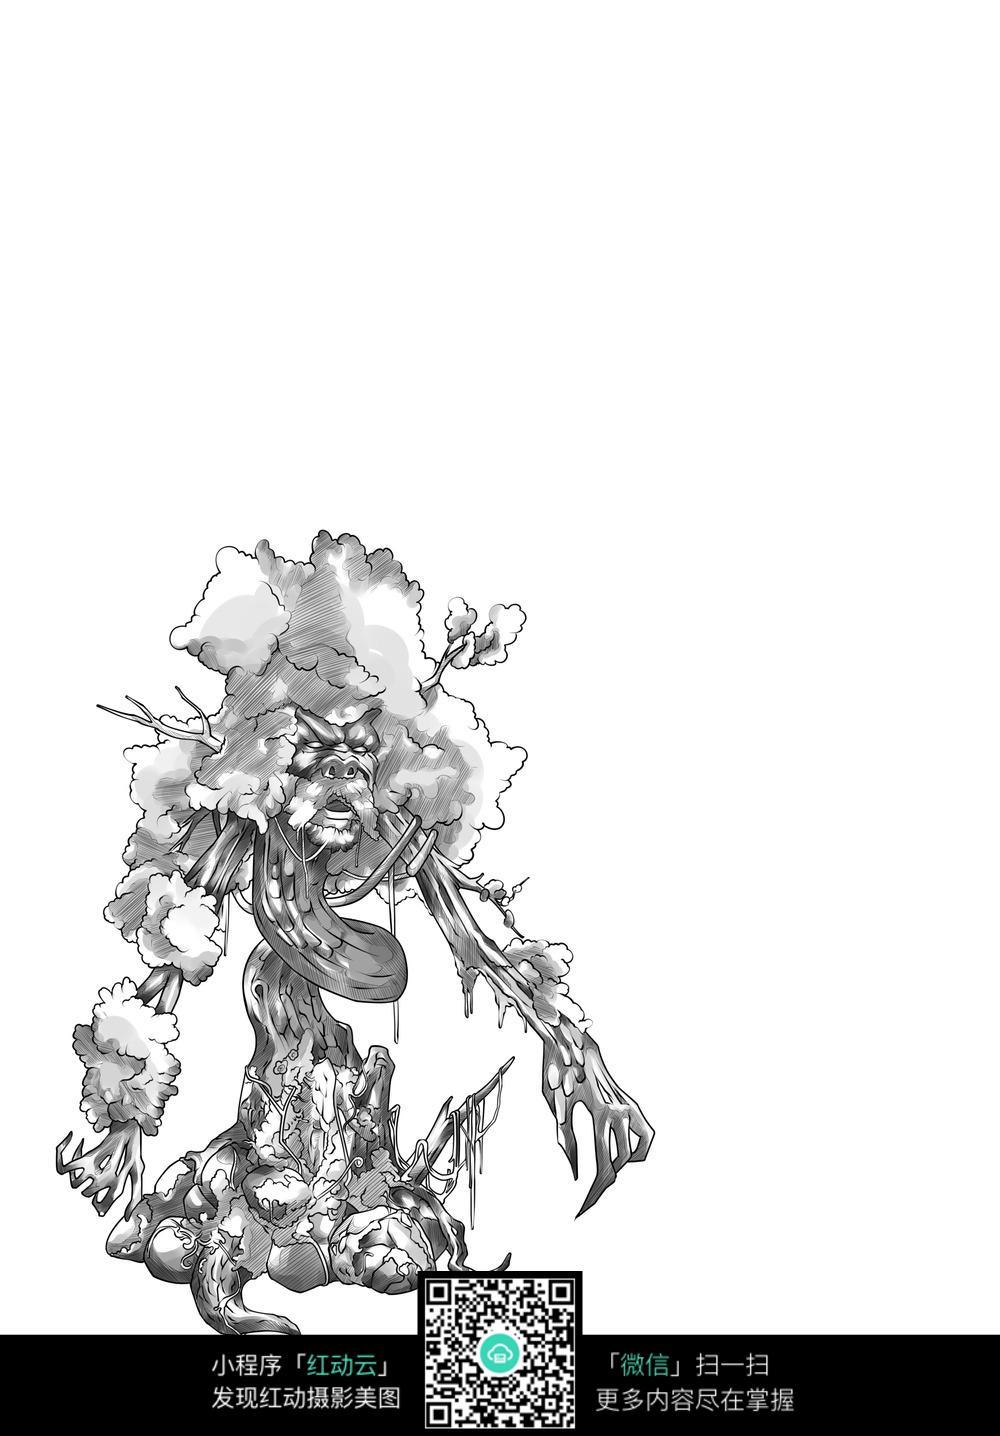 怪物卡通手绘线稿